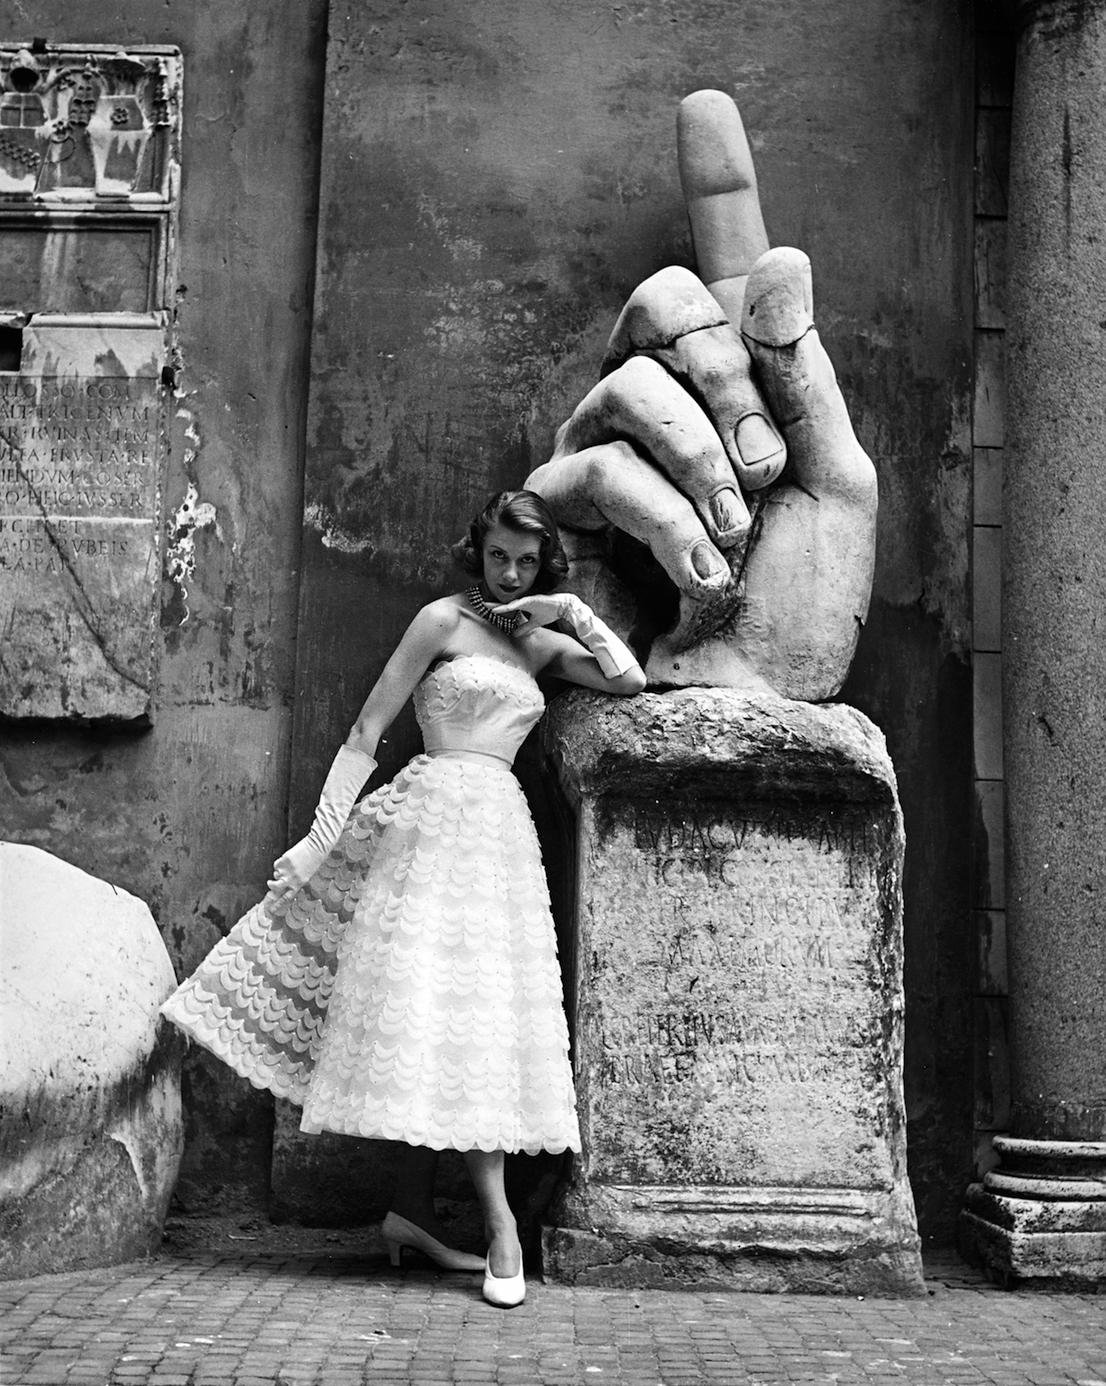 La modella, fotografata ai Musei Capitolini davanti alla mano della statua monumentale di Costantino I, indossa un modello delle Sorelle Fontana (pubblicata sulla rivista La Donna) Foto di Regina Relang, 1952. Courtesy Münchner Stadtmuseum, Sammlung Fotografie, Archiv Relang.